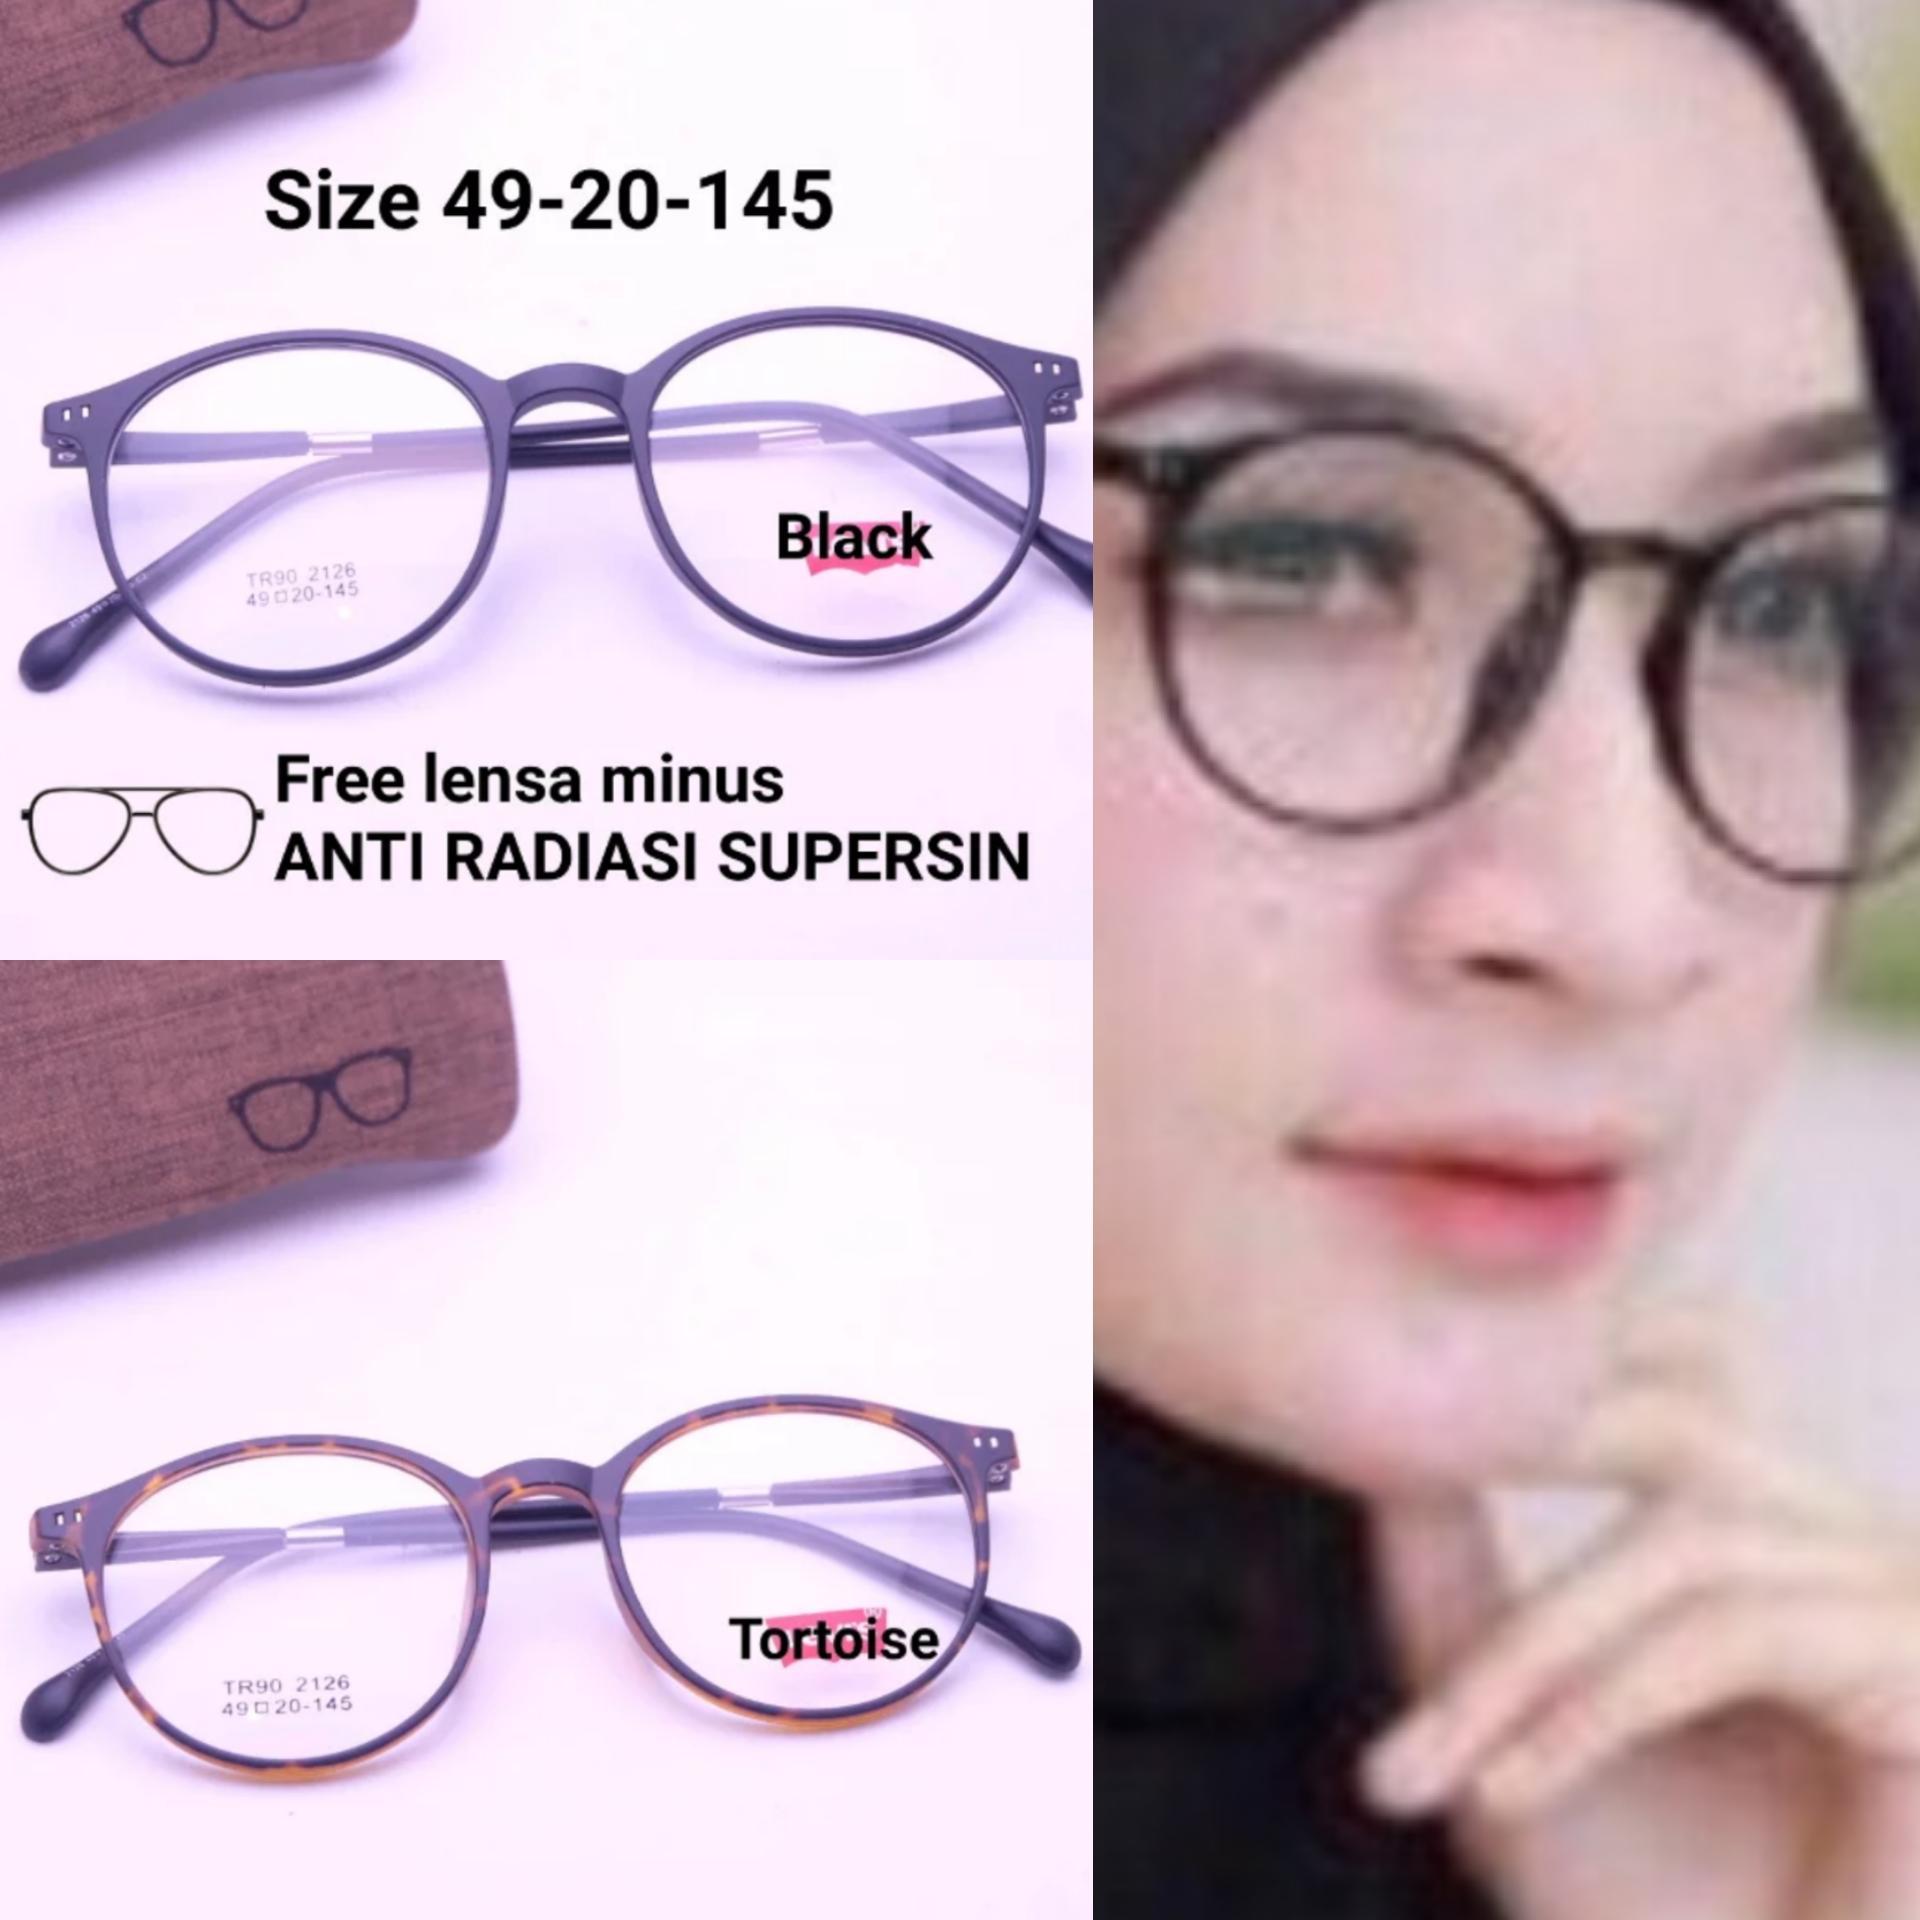 Frame kacamata minus 2126 kacamata Baca Vintage kacamata minus   plus   cylinder kacamata anti radiasi c7722a2905